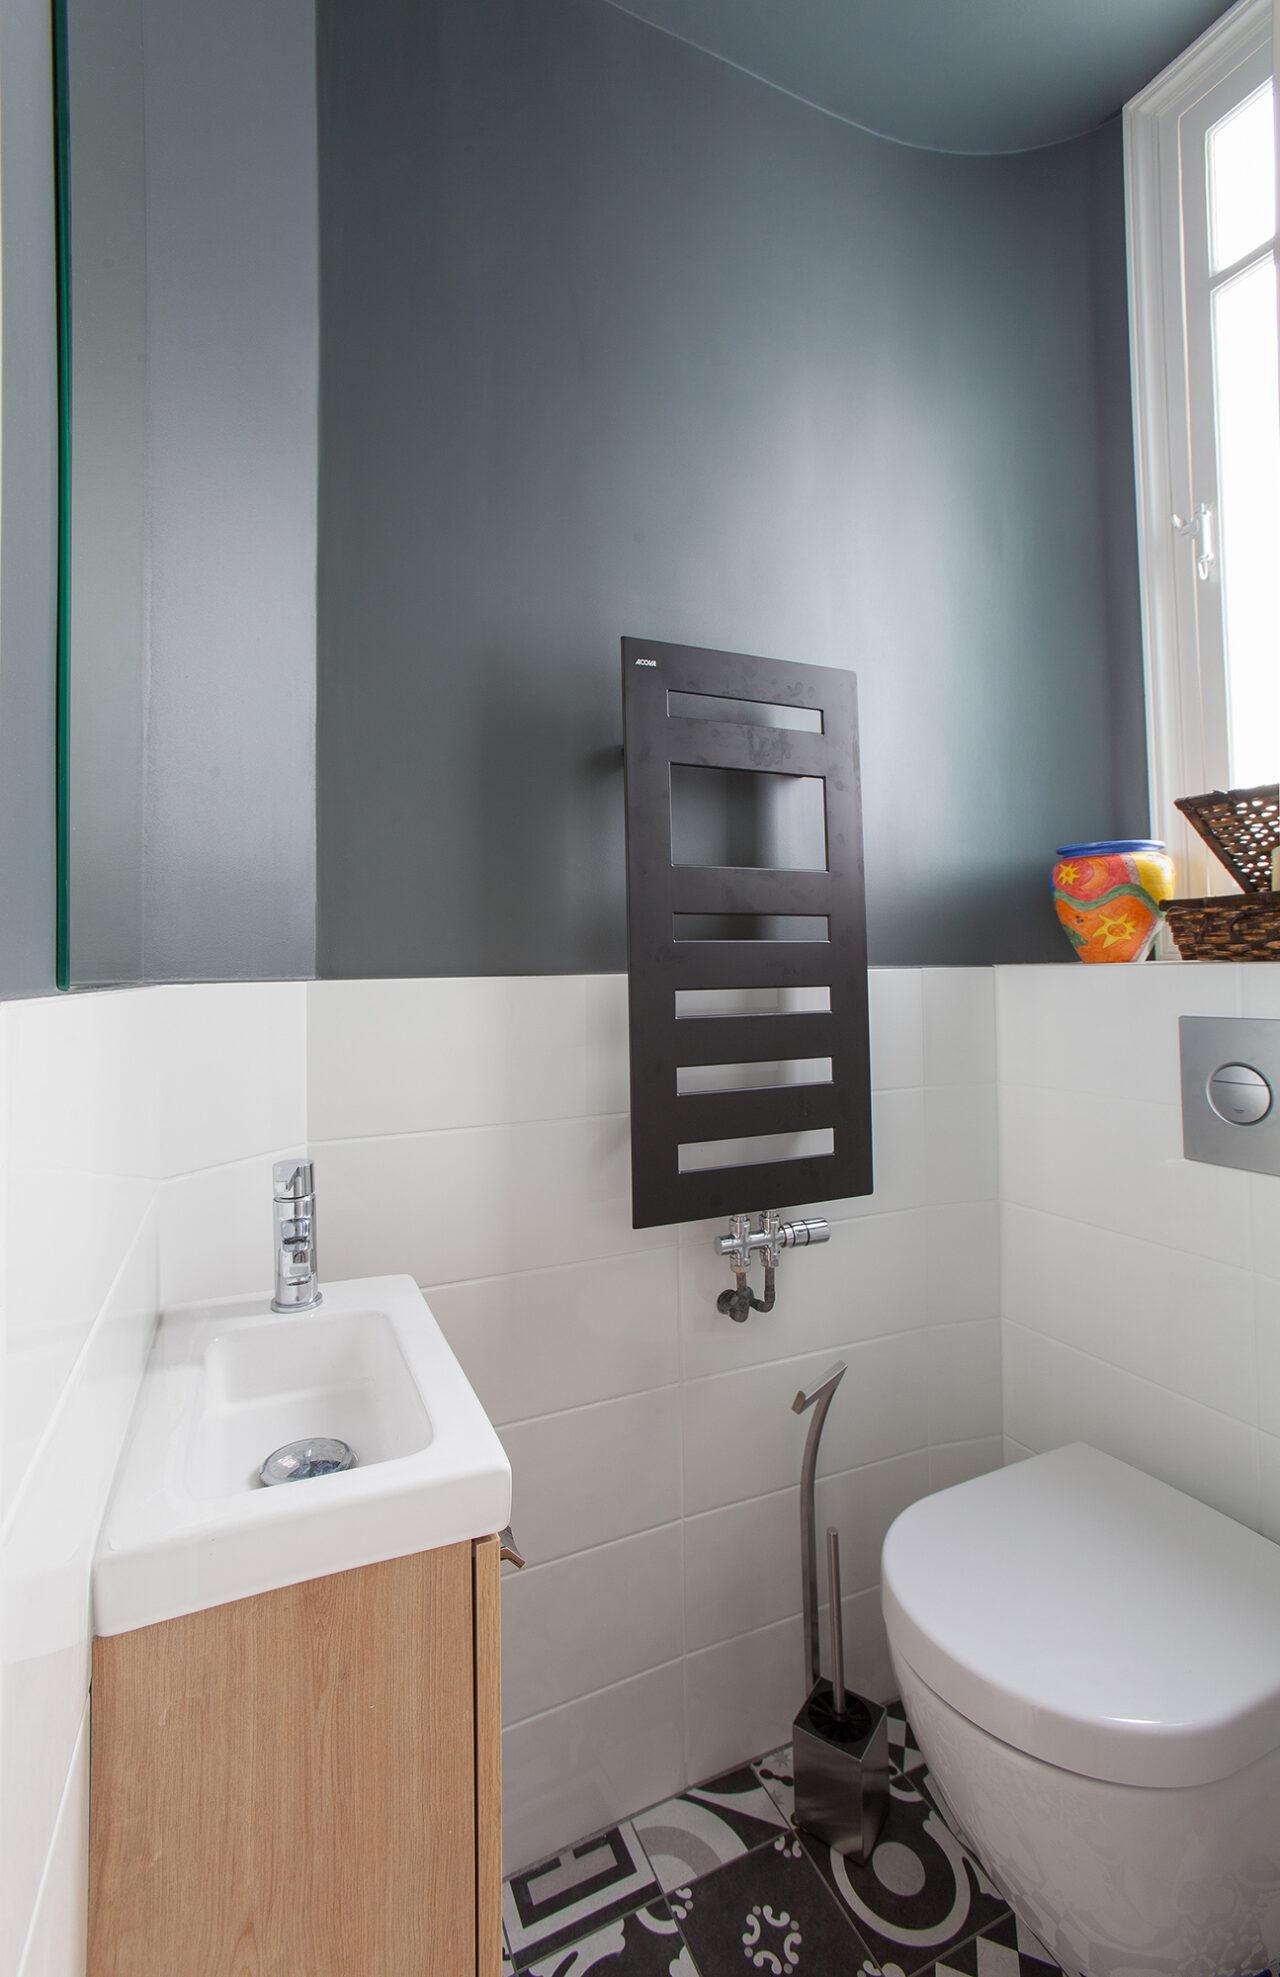 Toilette suspendue meuble sur mesure bois